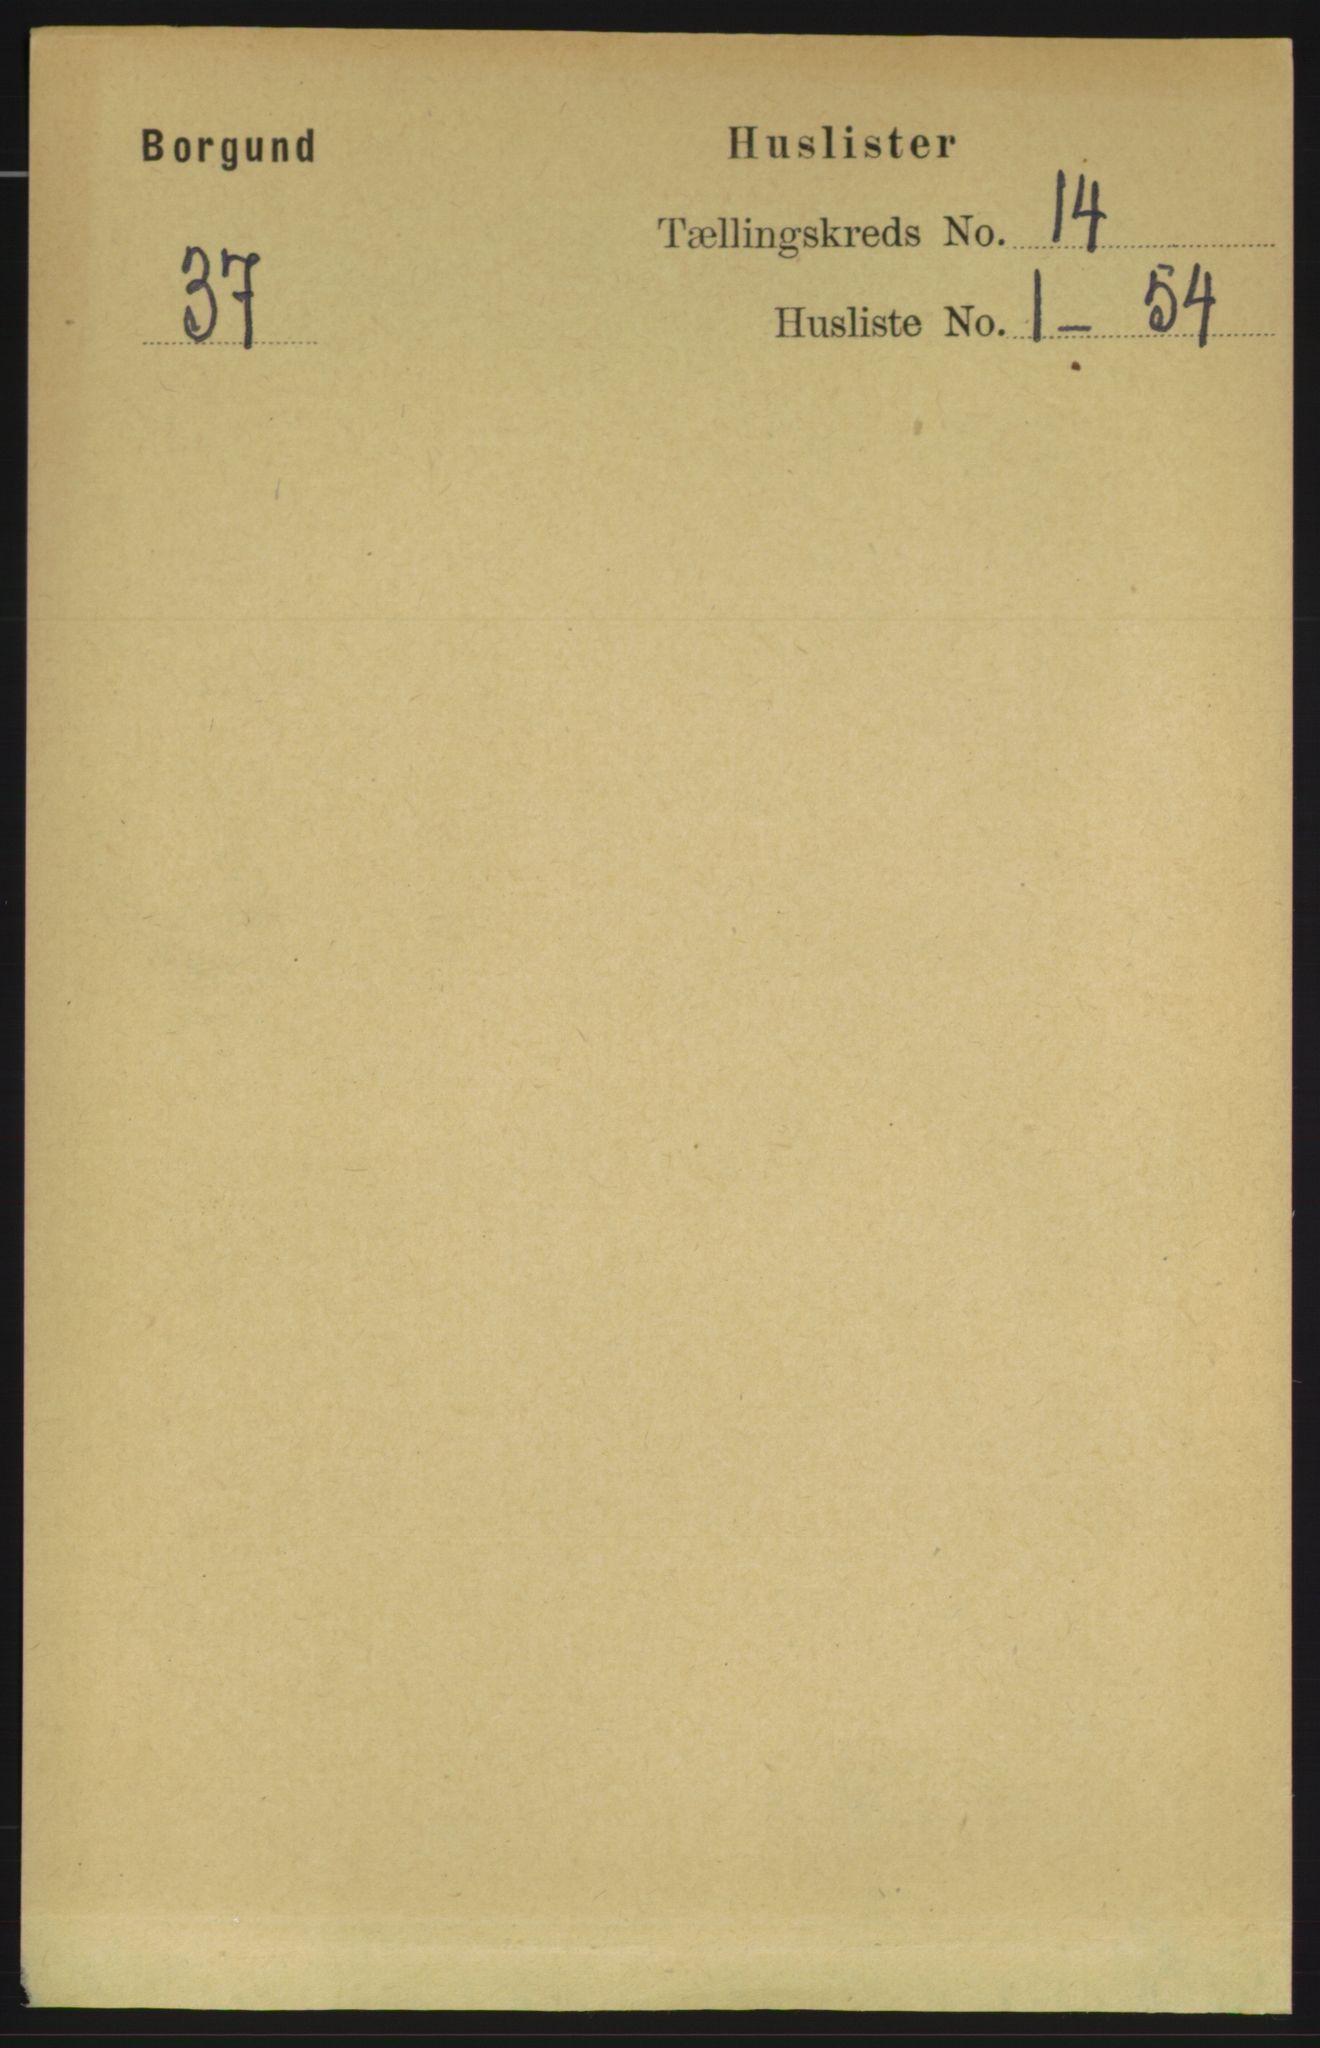 RA, Folketelling 1891 for 1531 Borgund herred, 1891, s. 4021